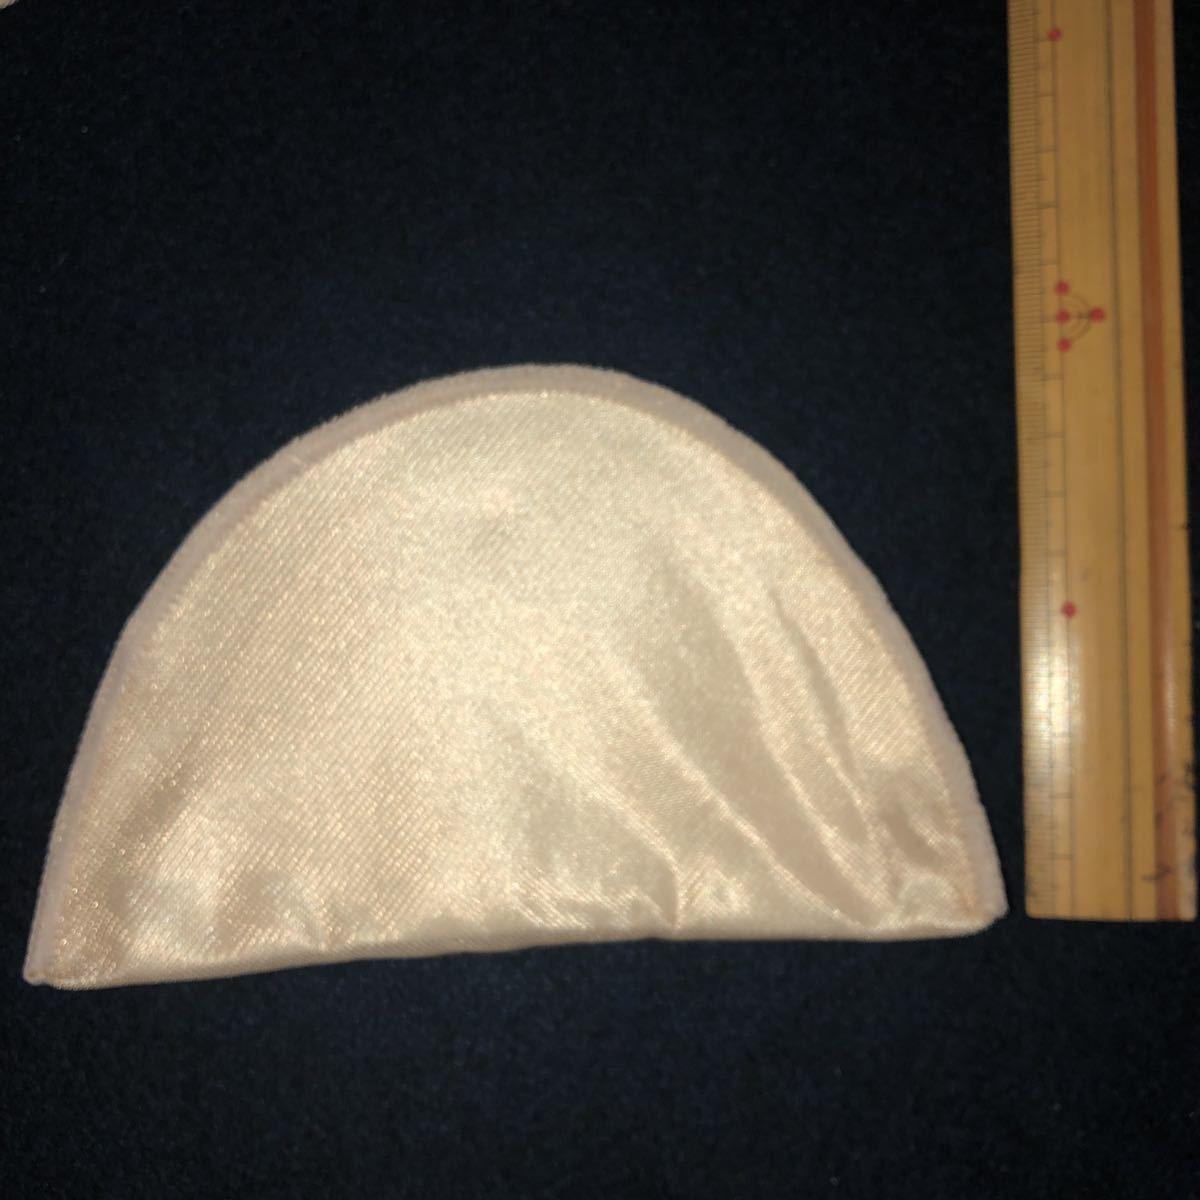 スタンダードタイプ セットイン型肩パット 20枚 厚さ(mm): 約5 色: ベージュ 寸法(横×縦)(mm): 約155×95 ブラウスパット  裁縫用_画像5